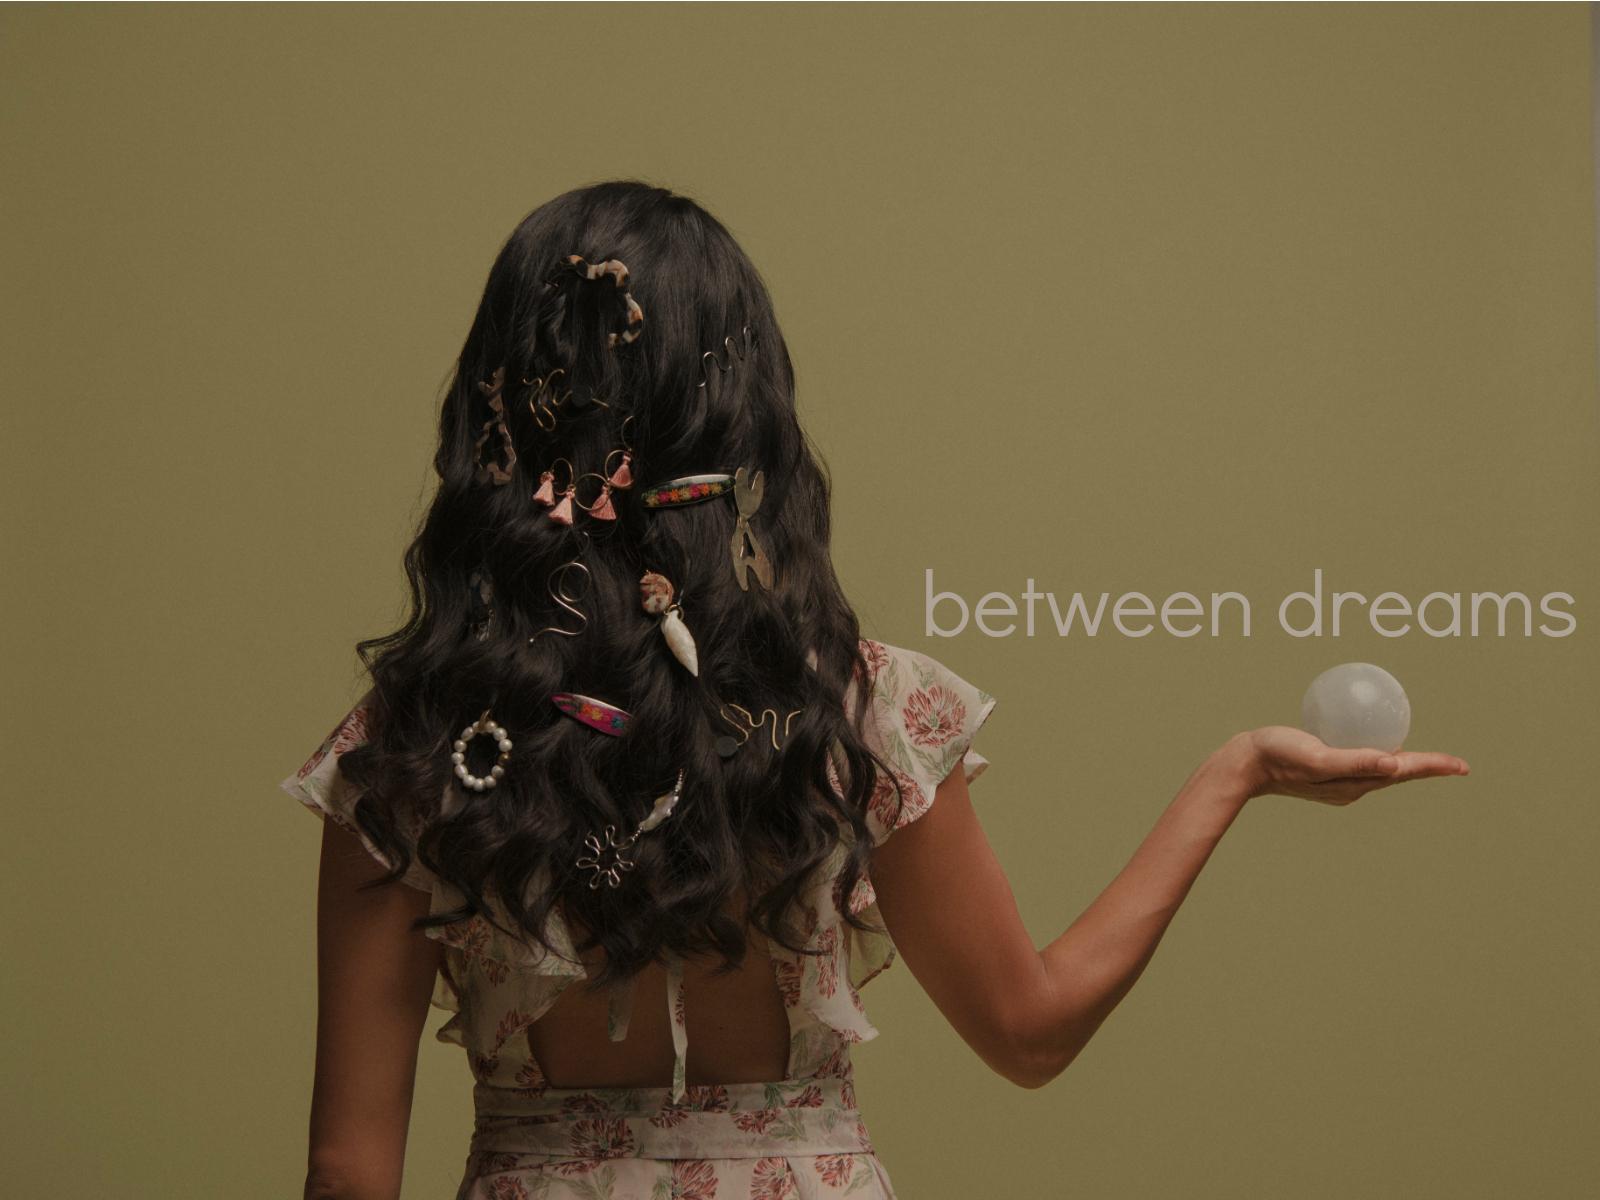 between dreams cover.jpg